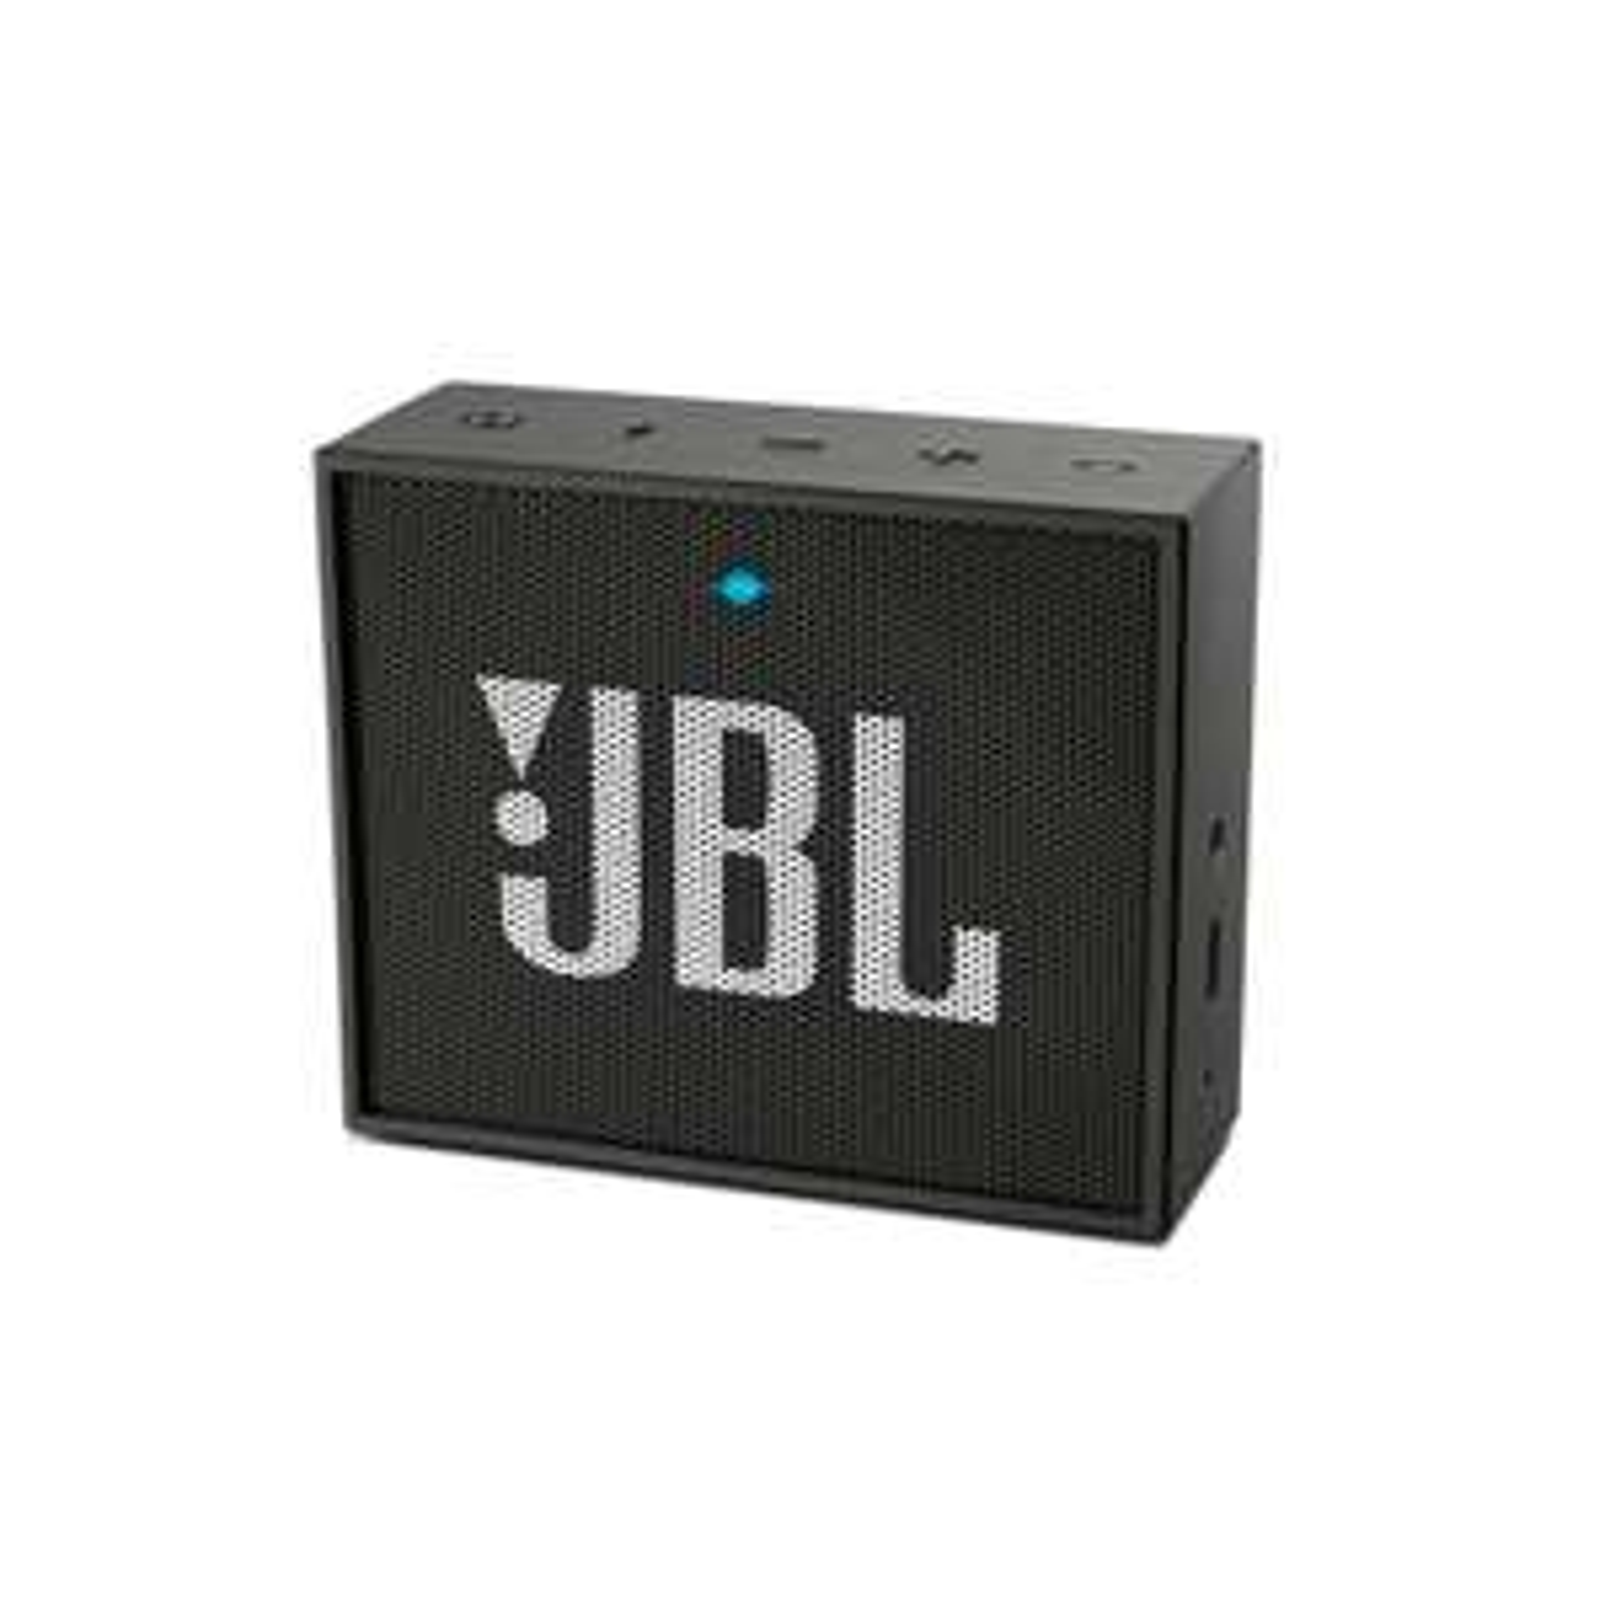 Vaderdagactie - Gratis JBL GO bij bestellingen vanaf €99 @ JBL